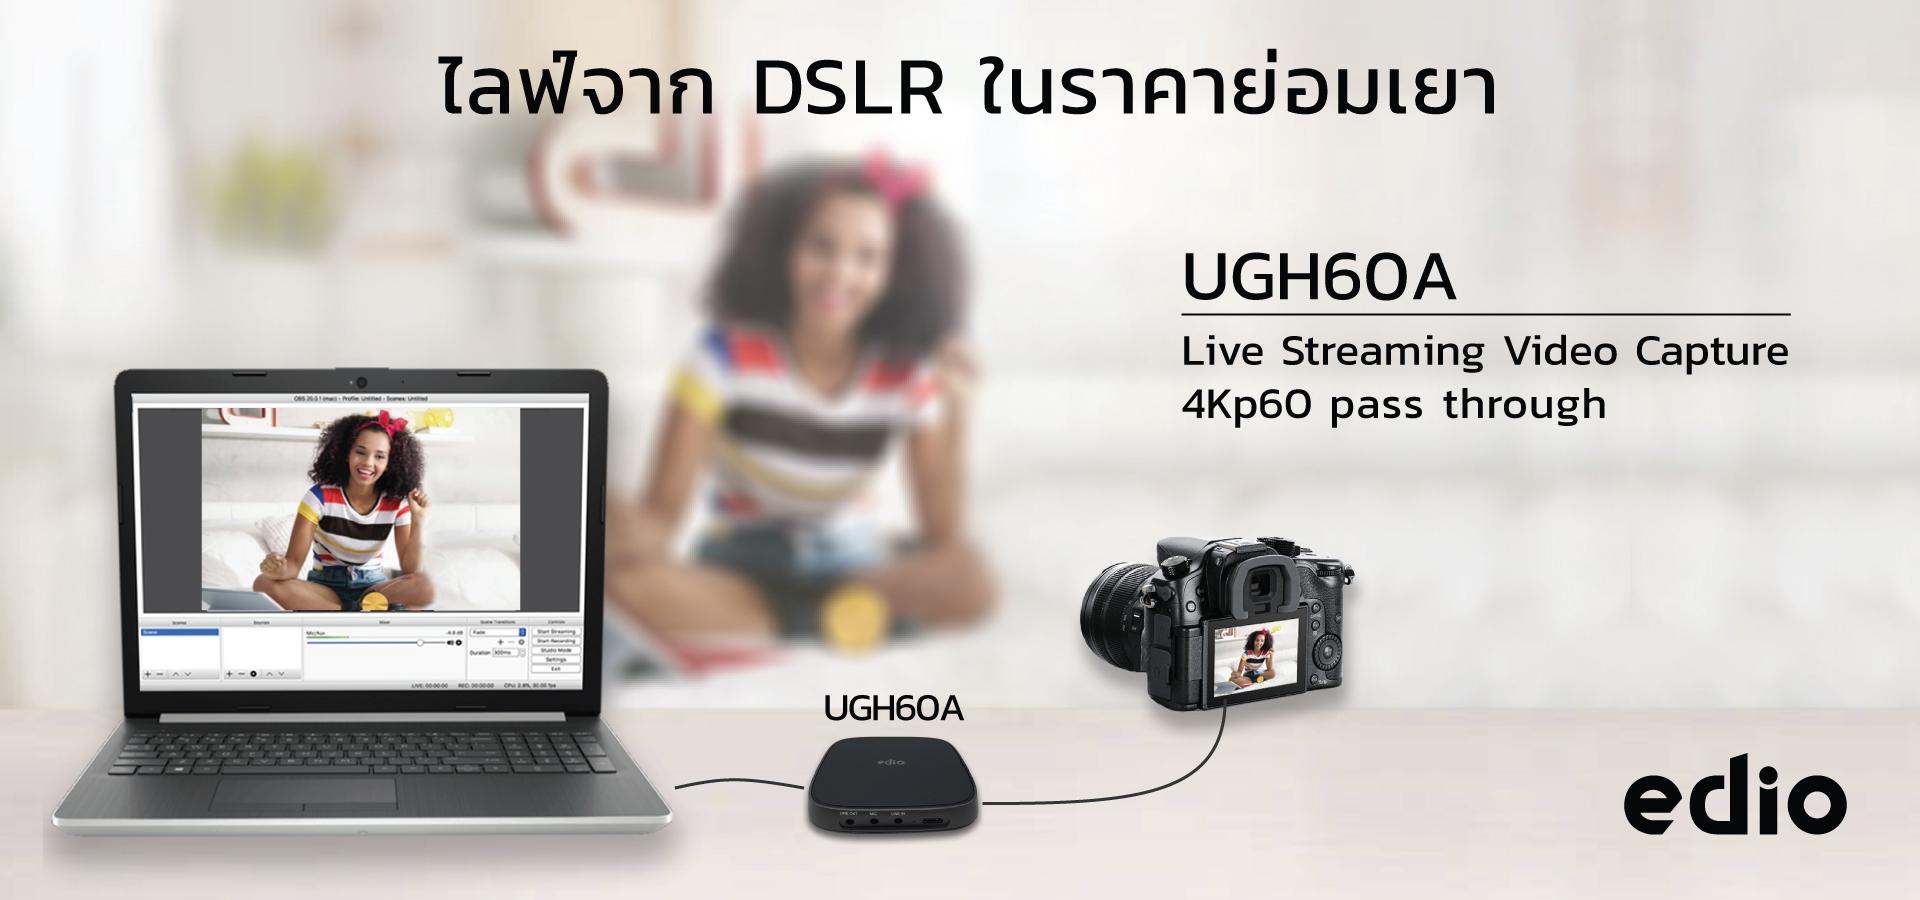 ugh60a-md.jpg